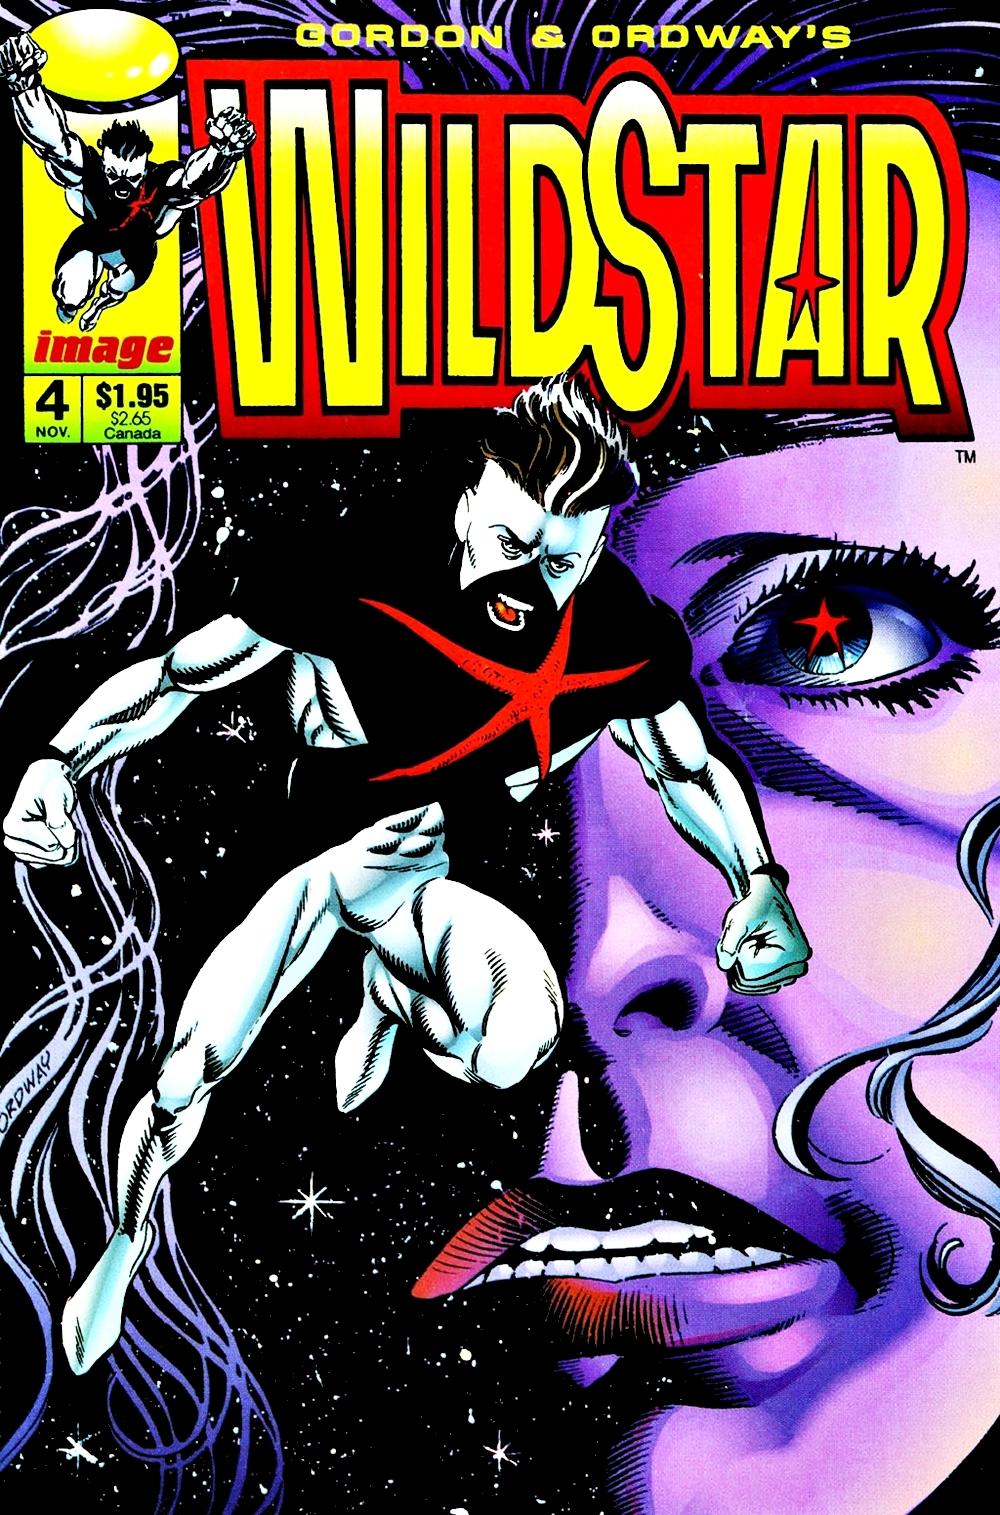 Wildstar Vol 1 4